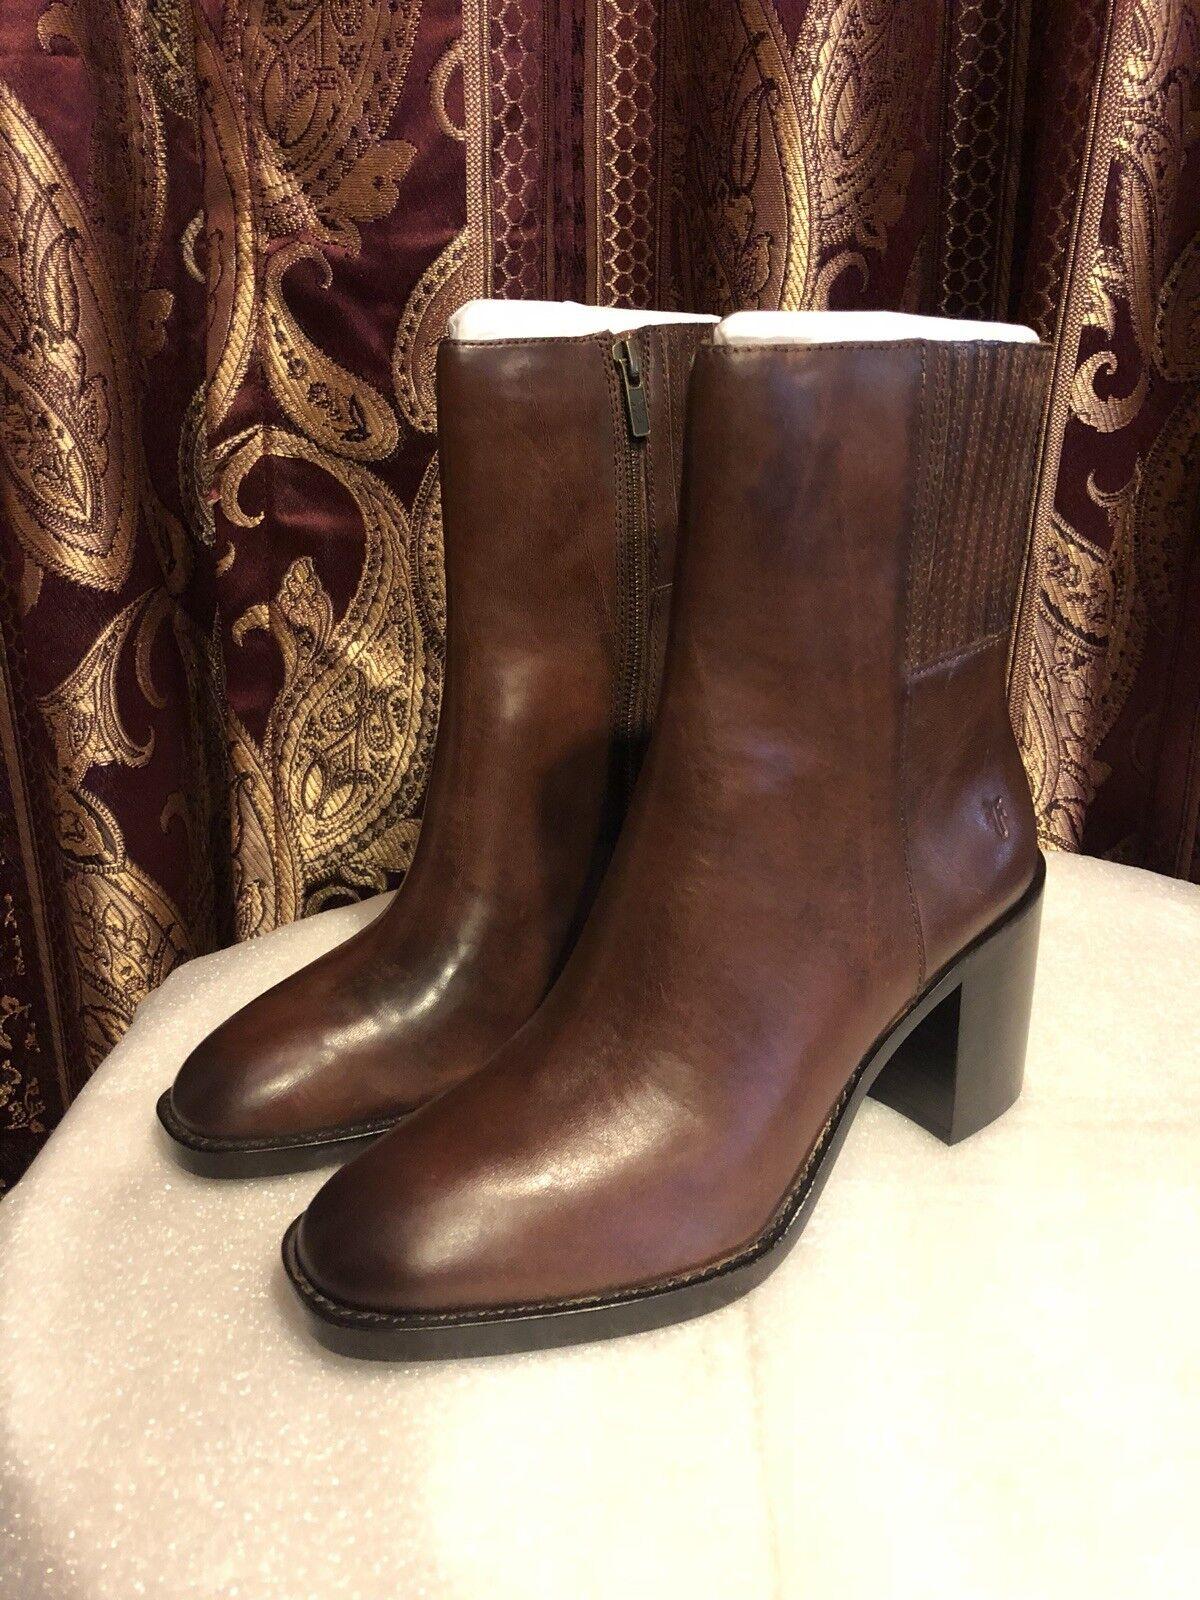 Frye Para mujeres Cuero Pia Chelsea Corto botas, Marrón Marrón Marrón (9.5M)  la mejor oferta de tienda online